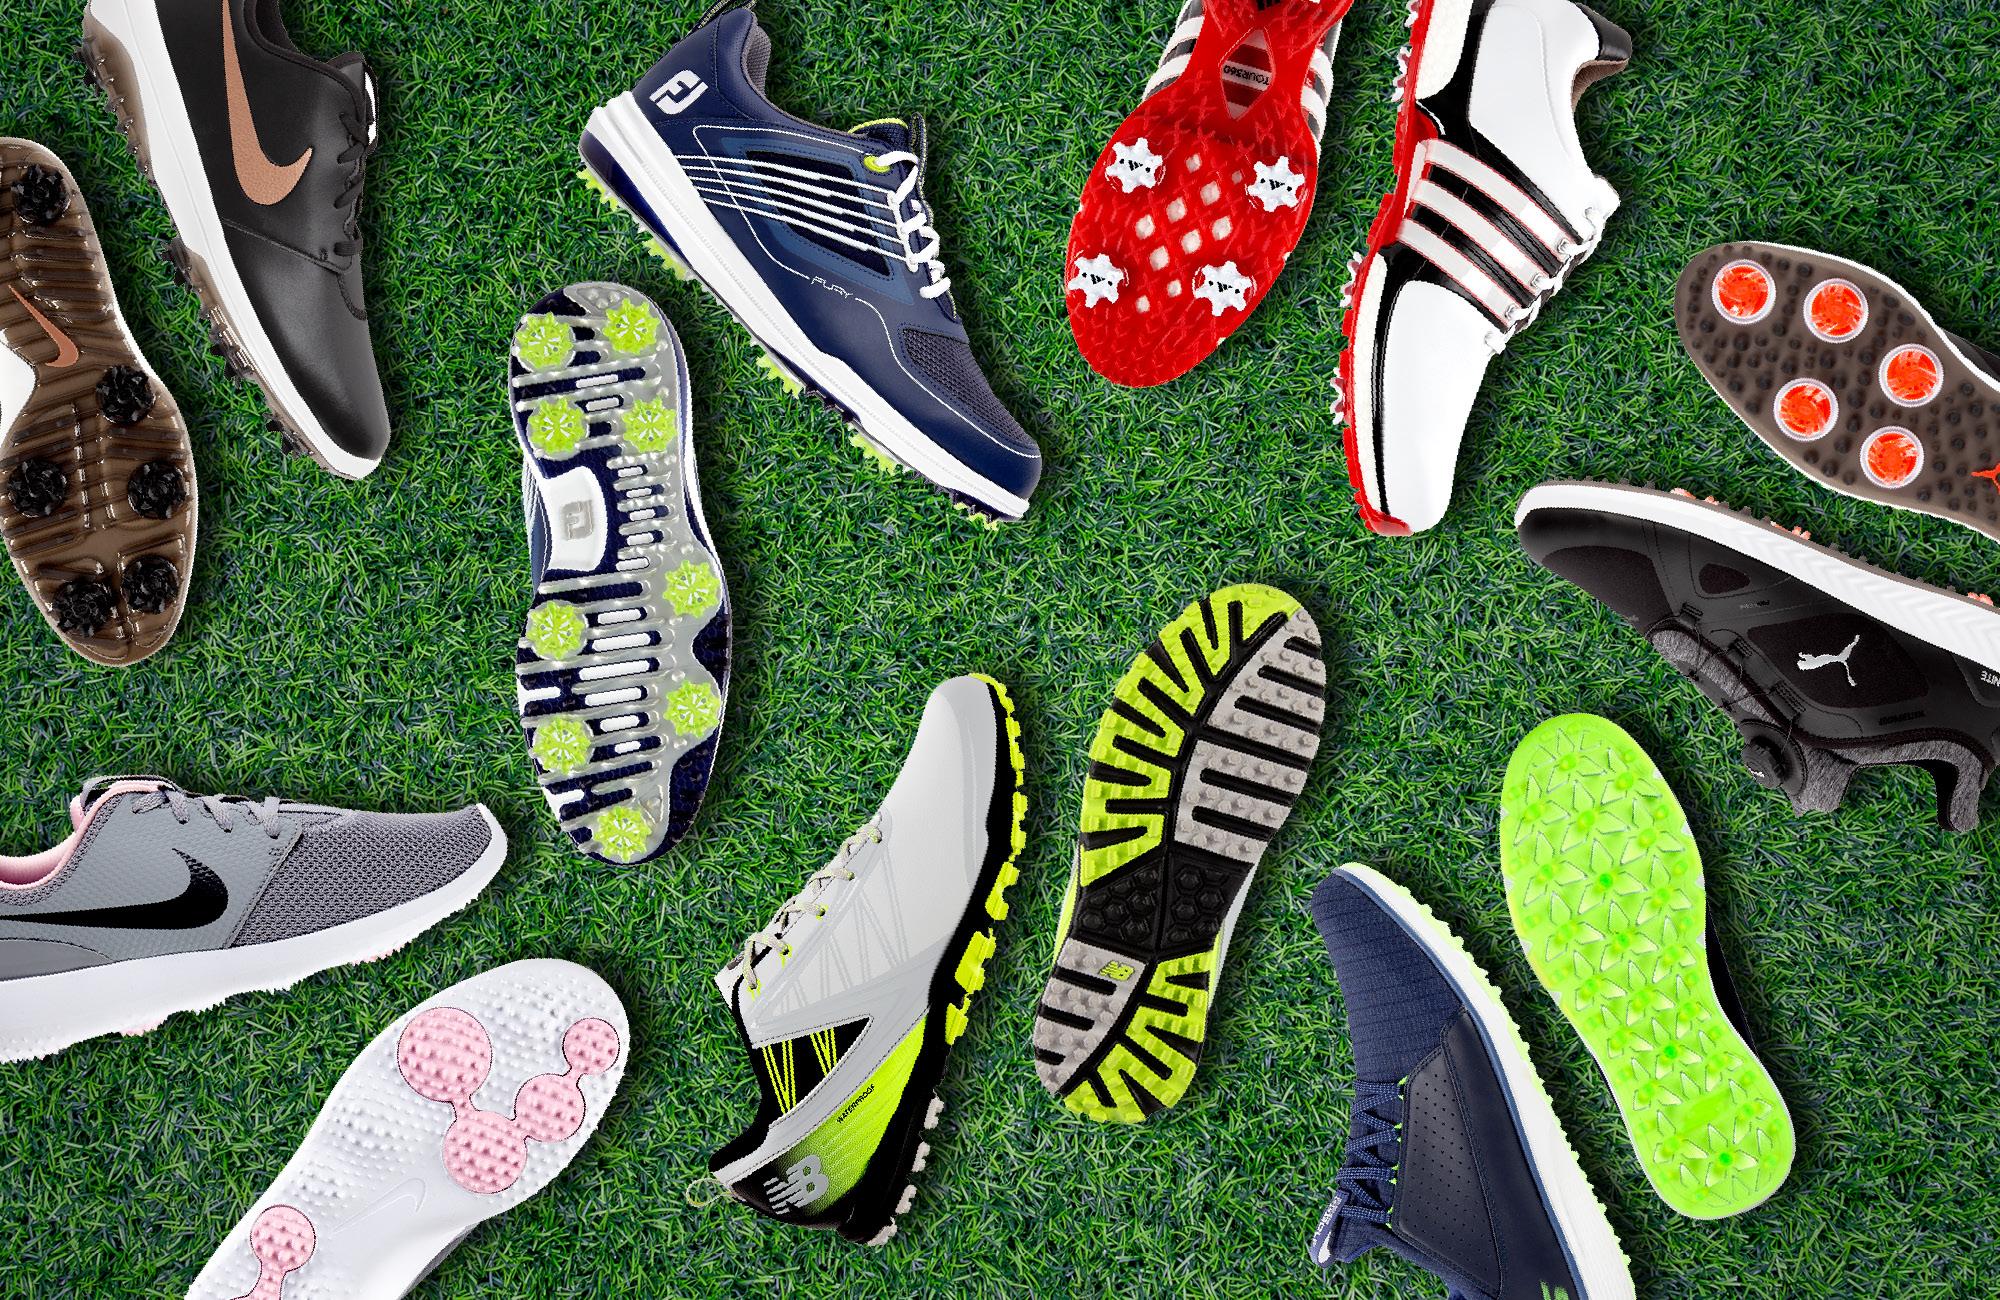 Guide d'achat de chaussures de golf Blogue de Golf Town